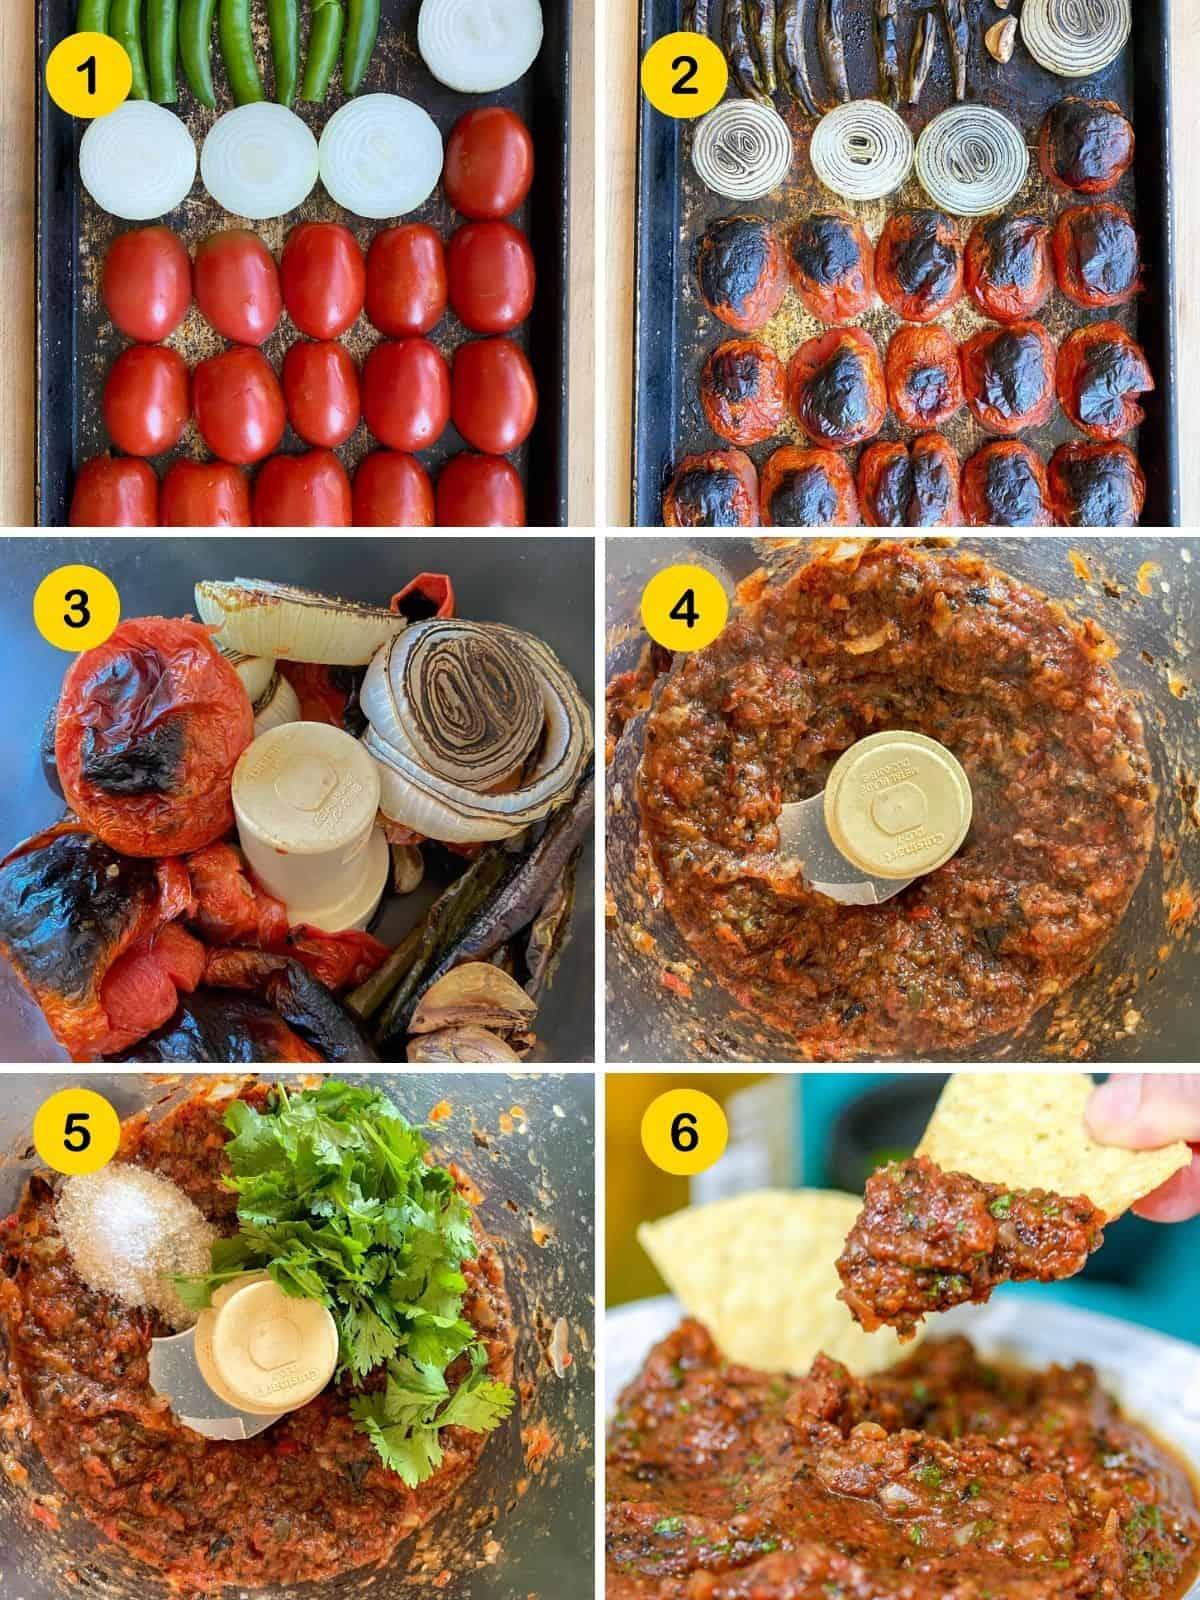 steps to make roasted salsa